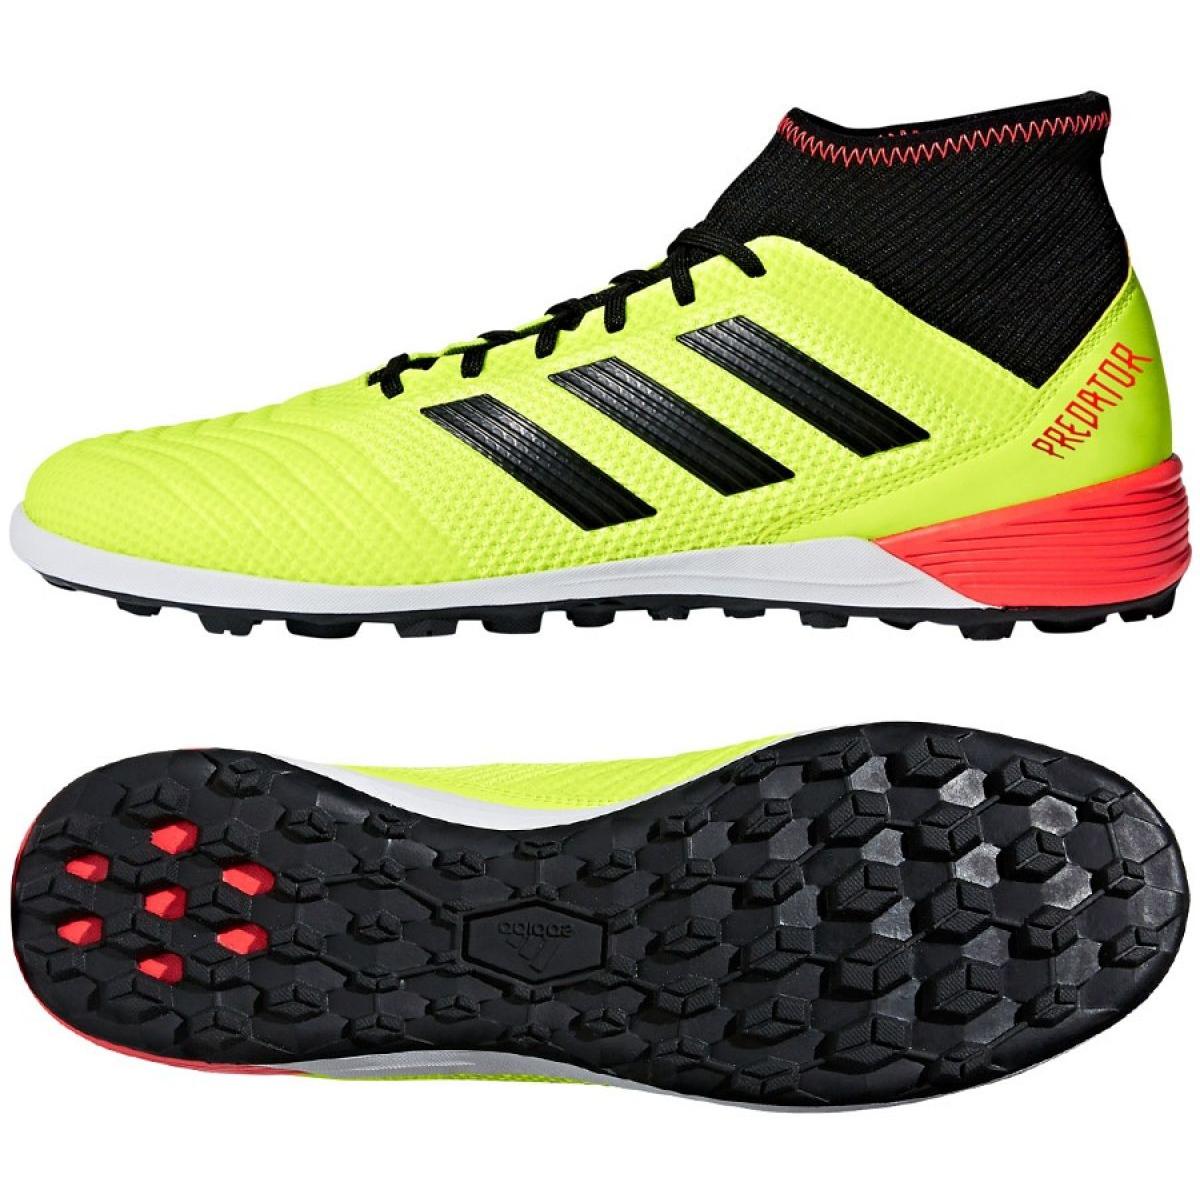 Football bottes adidas Prougeator Tango 18.3 Tf M DB2134